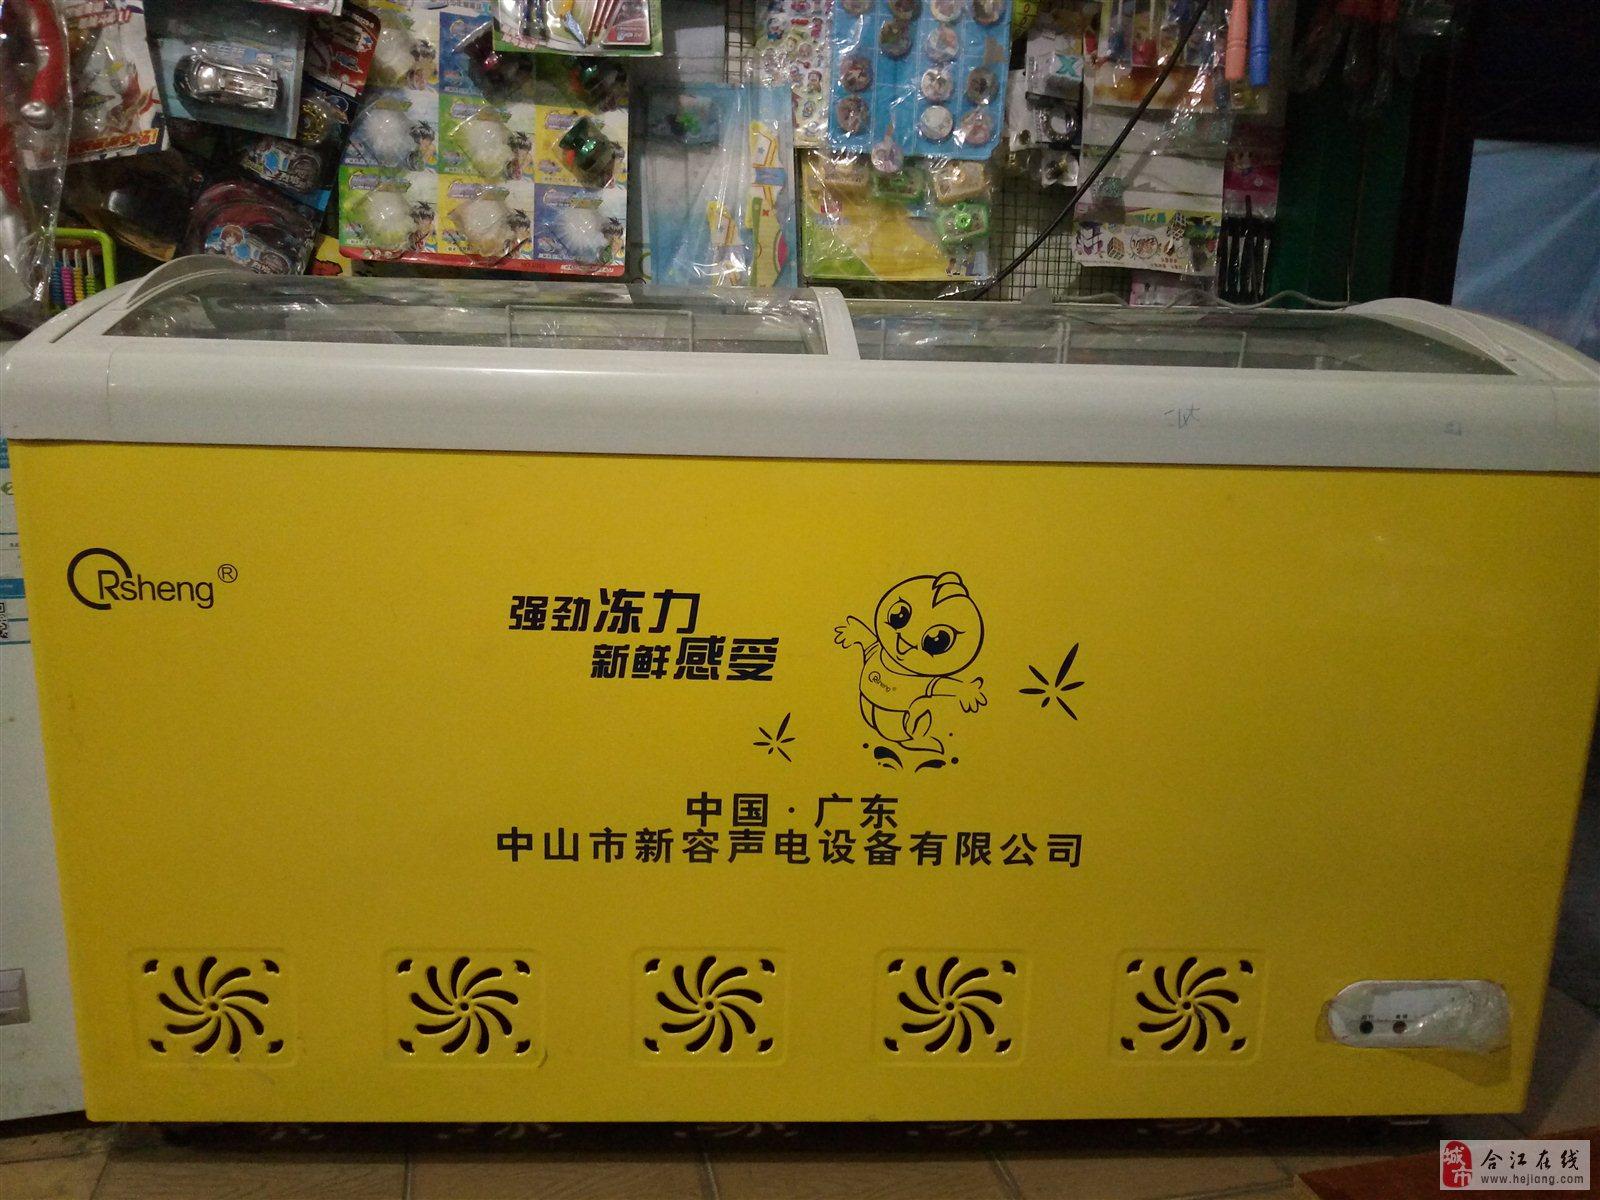 出售9成新弧形玻璃门冰箱一台